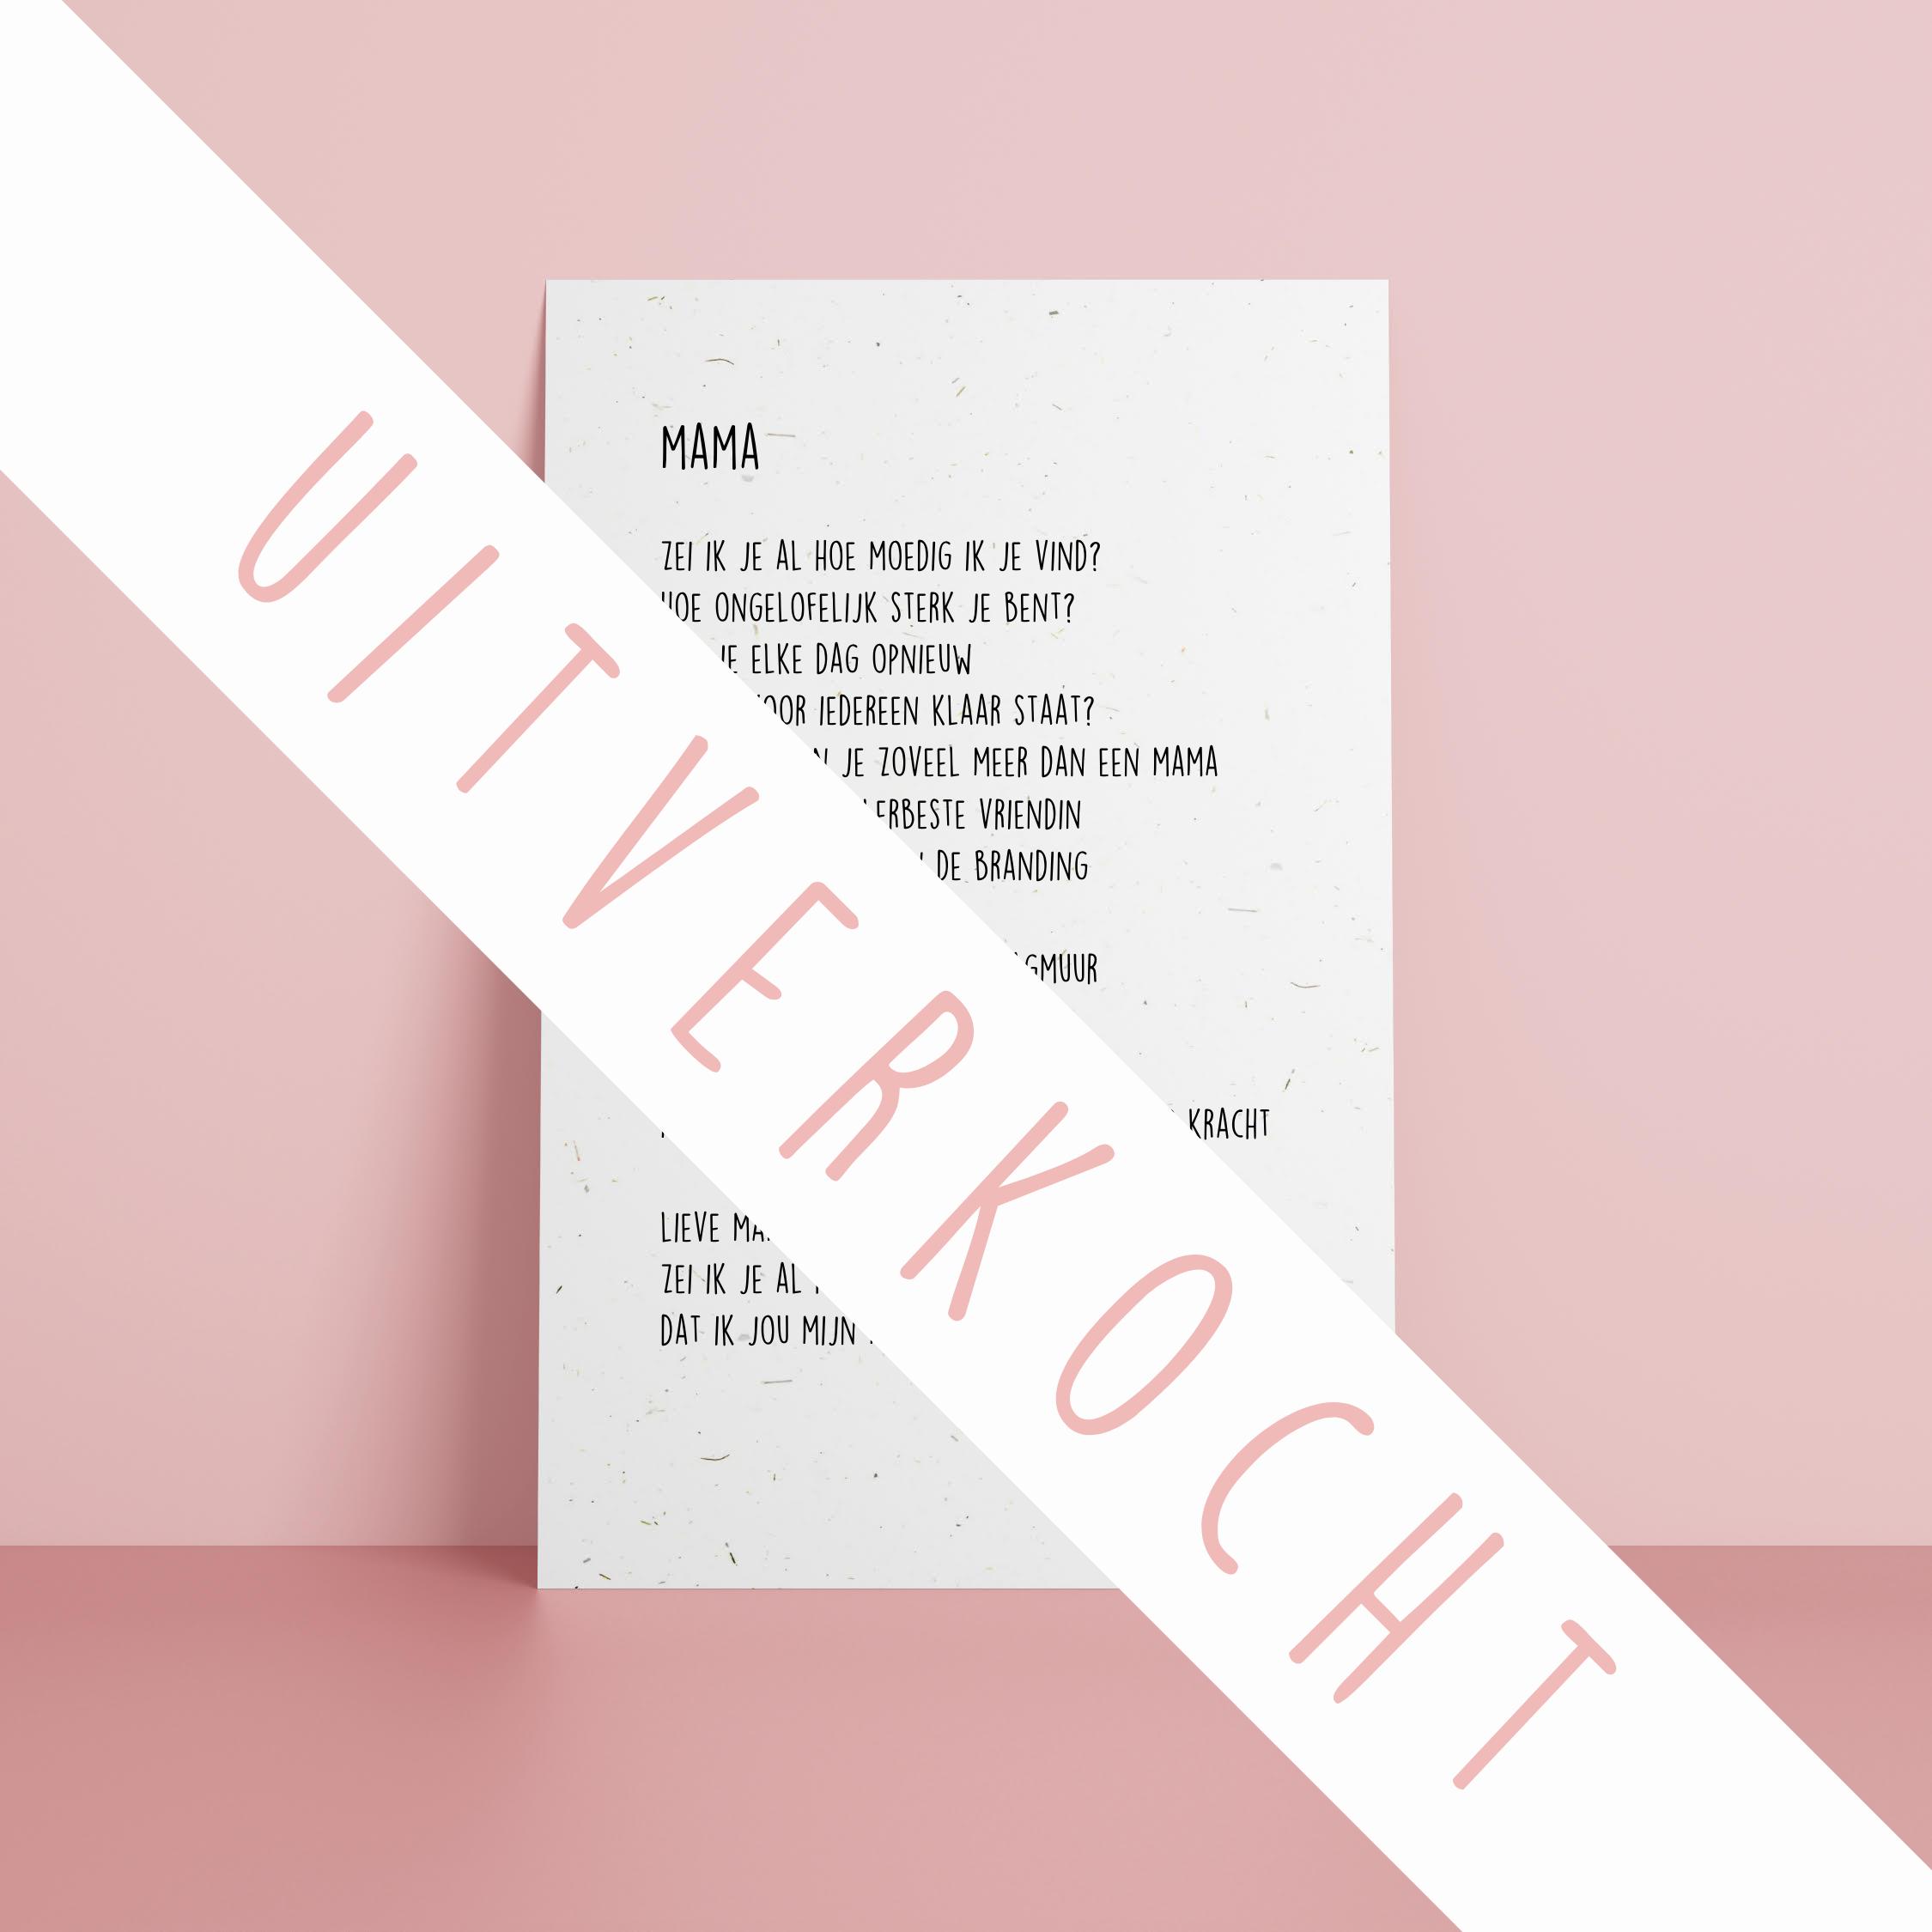 Gedicht 'Mama' op een uniek postkaartje voor Moederdag, geschreven door Warboek